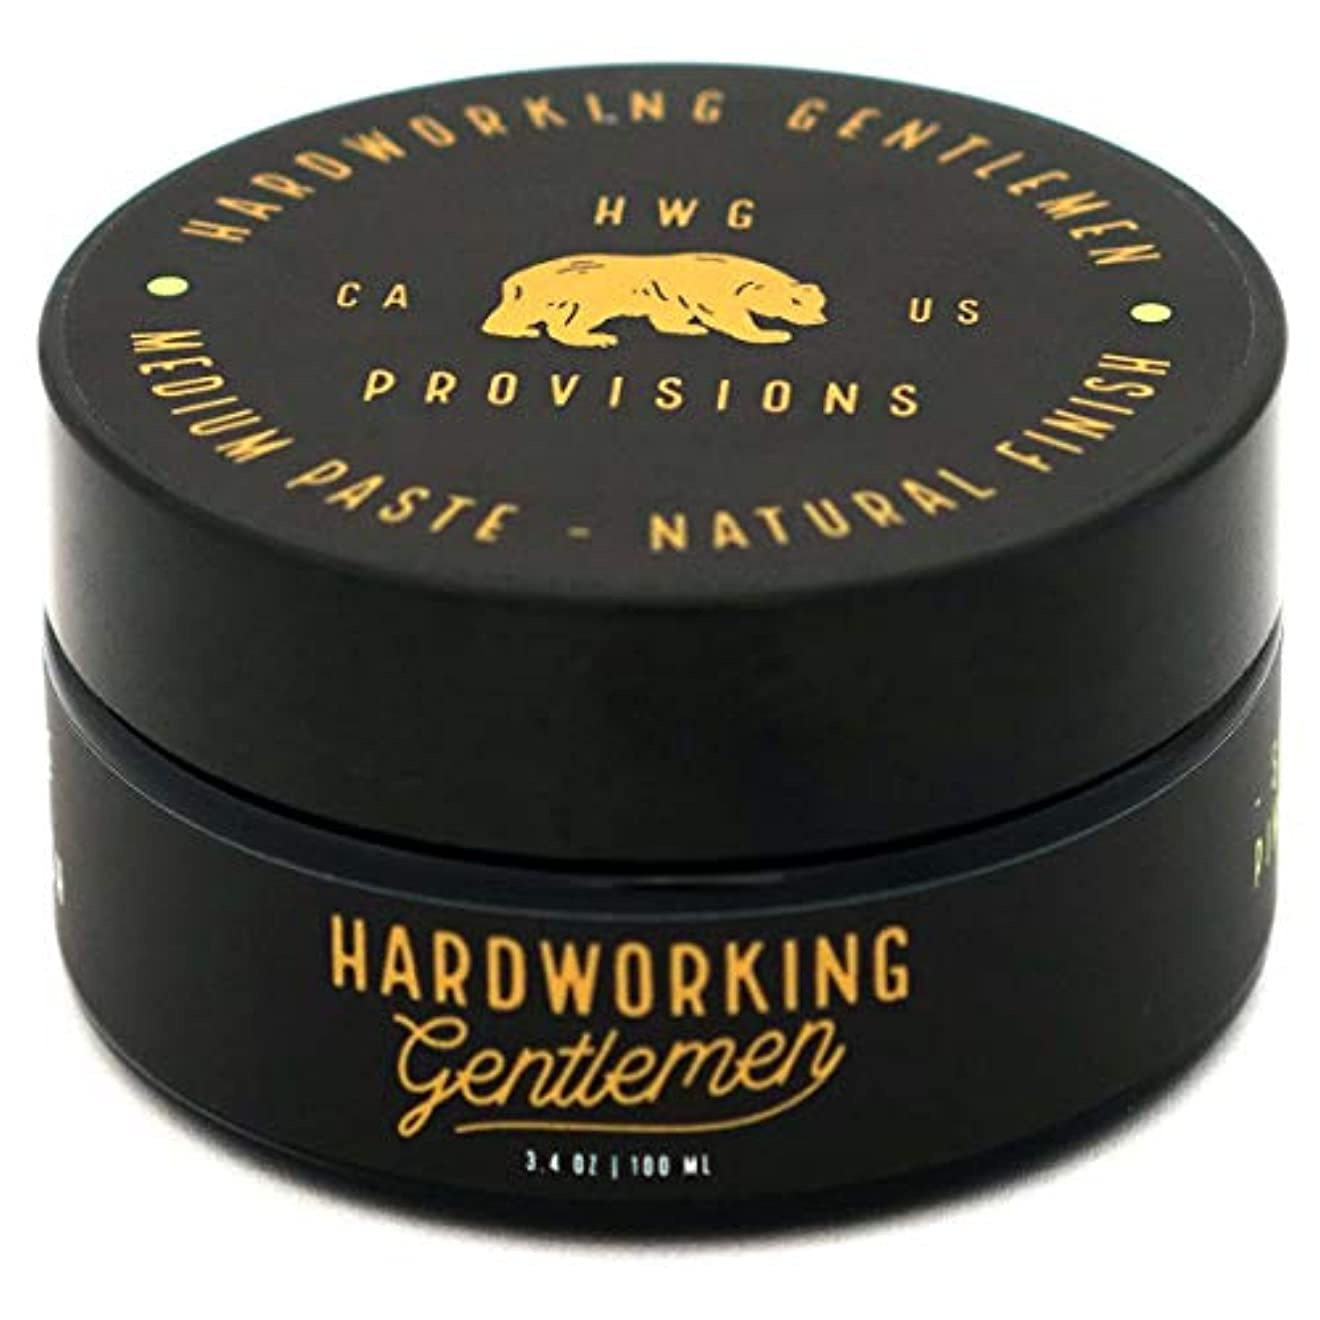 いろいろビジターリラックスHardworking Gentlemen (ハードワーキング ジェントルメン) Medium Paste ヘアワックス 100ml 天然成分 オーガニック